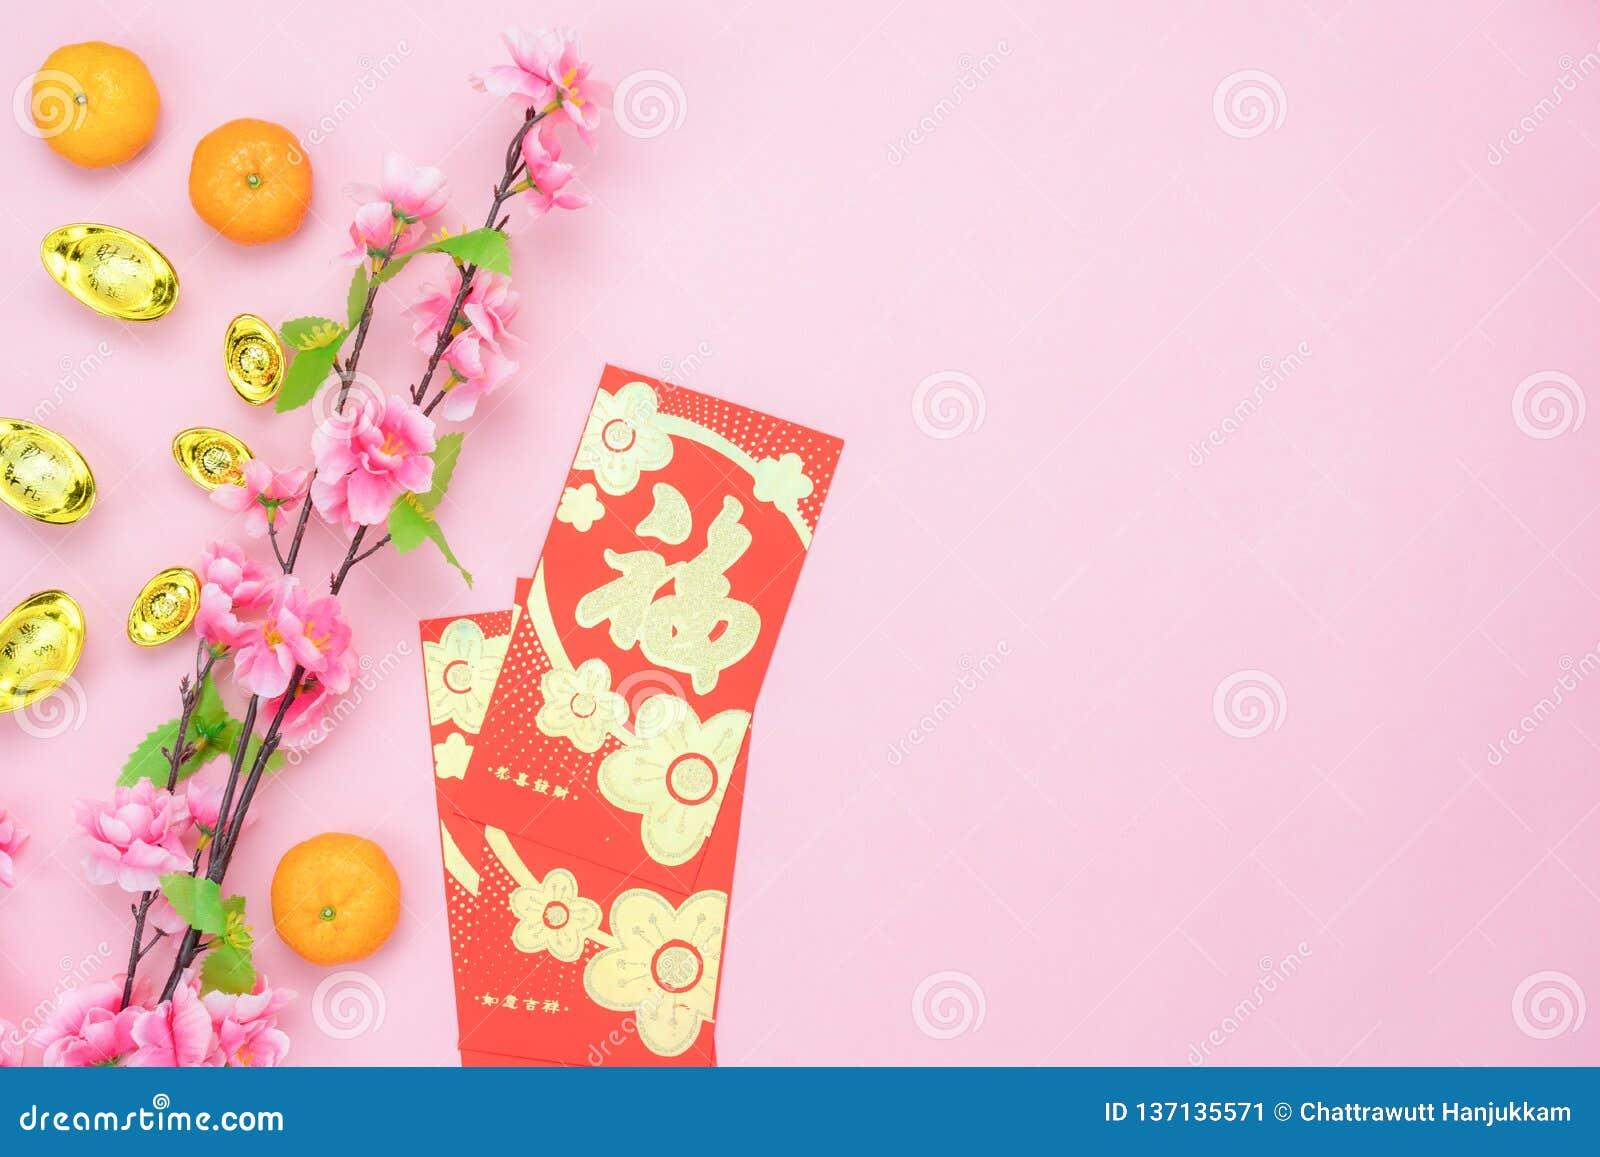 Meio da língua chinesa rico ou rico e feliz Ano novo lunar de opinião de tampo da mesa & fundo chinês do conceito do ano novo Con